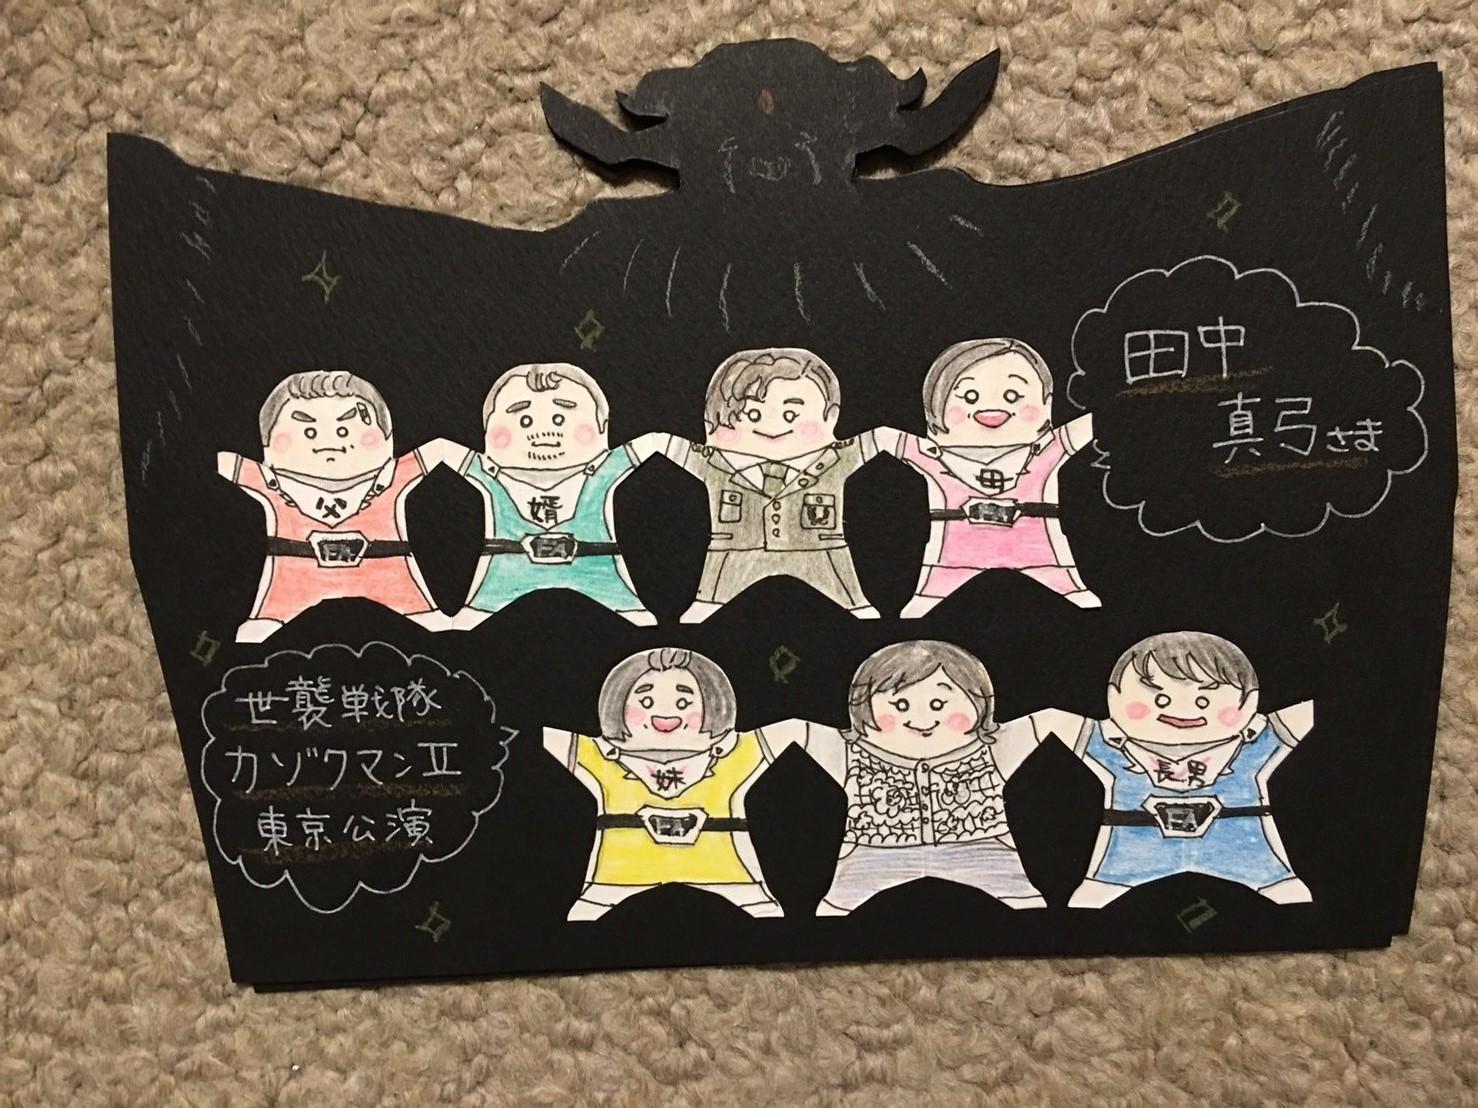 「カゾクマン」東京公演 無事終了_a0163623_23183058.jpg